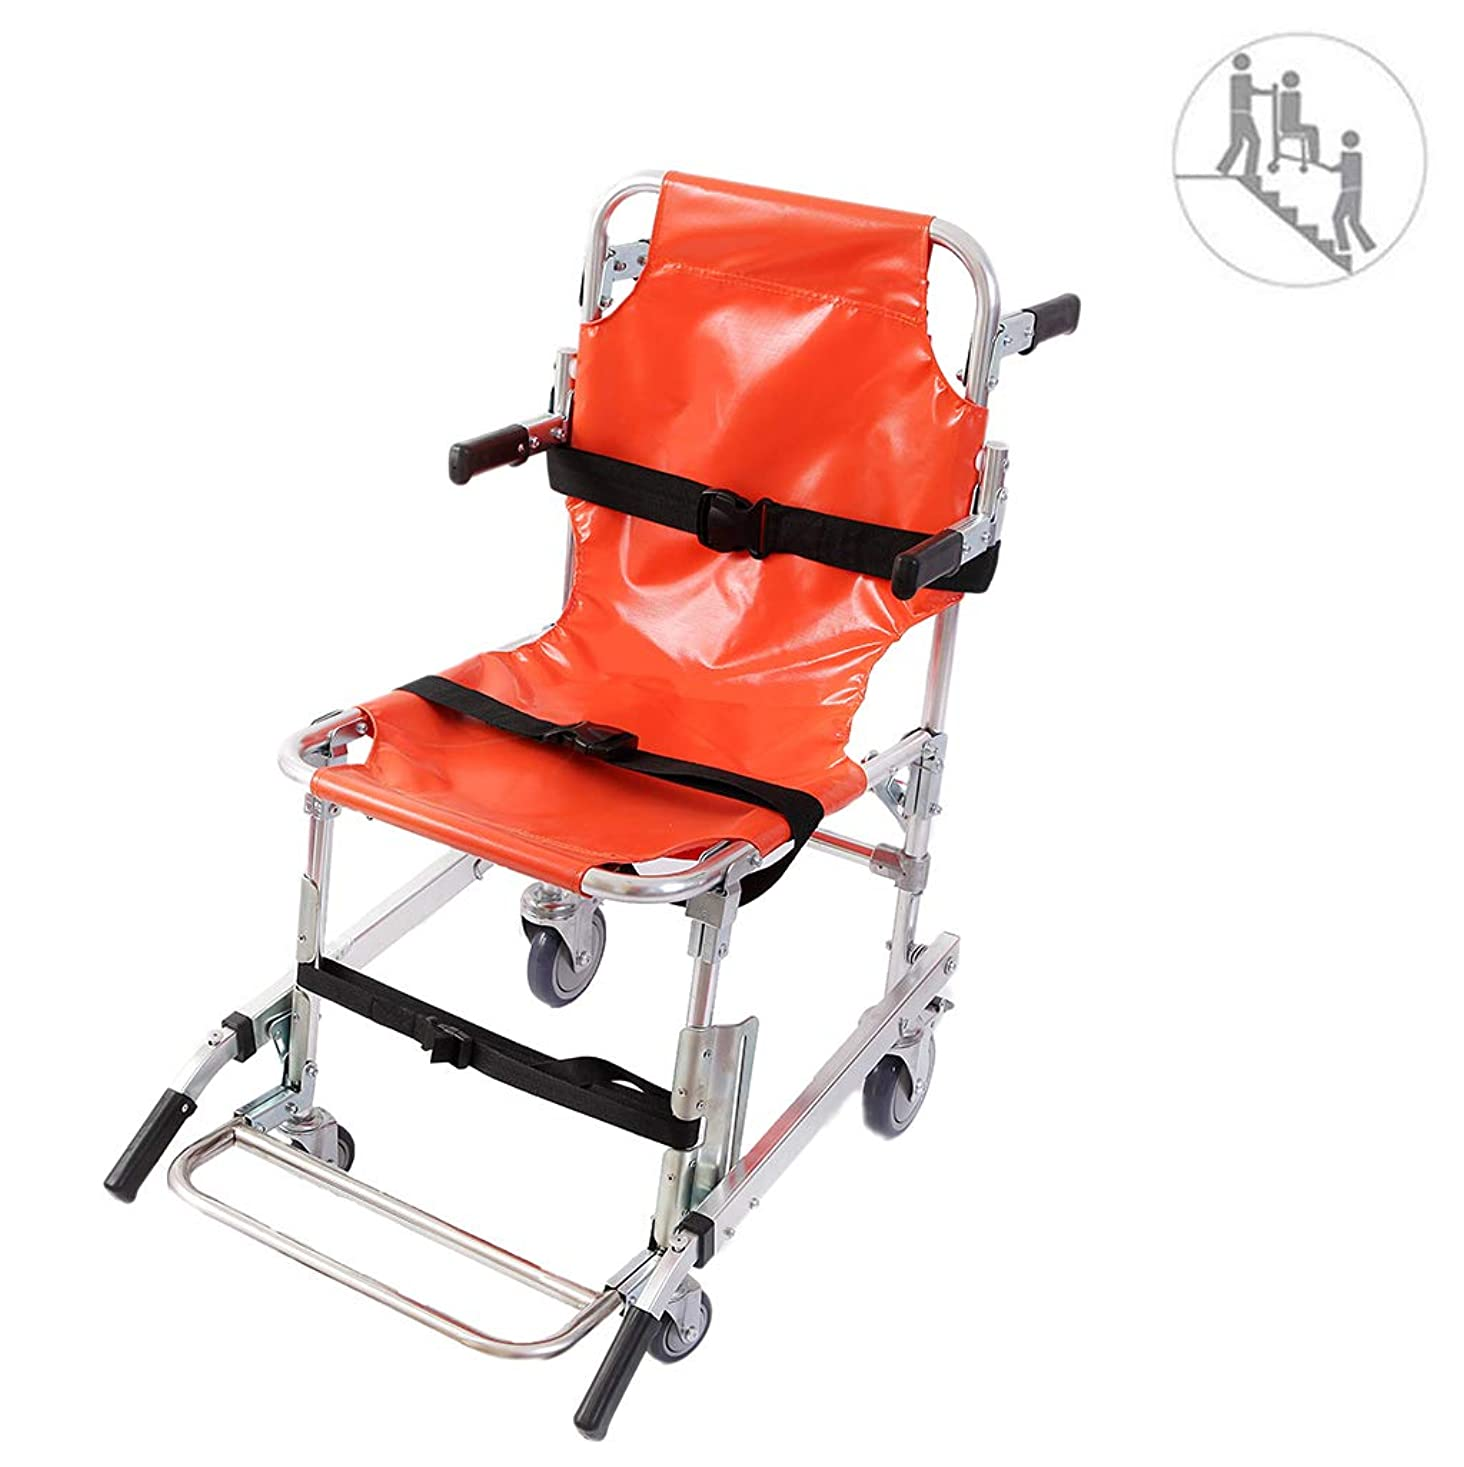 市長雄弁可聴EMS階段椅子4つの車輪で、救急車避難医療輸送椅子患者拘束ストラップ付き350ポンドの容量